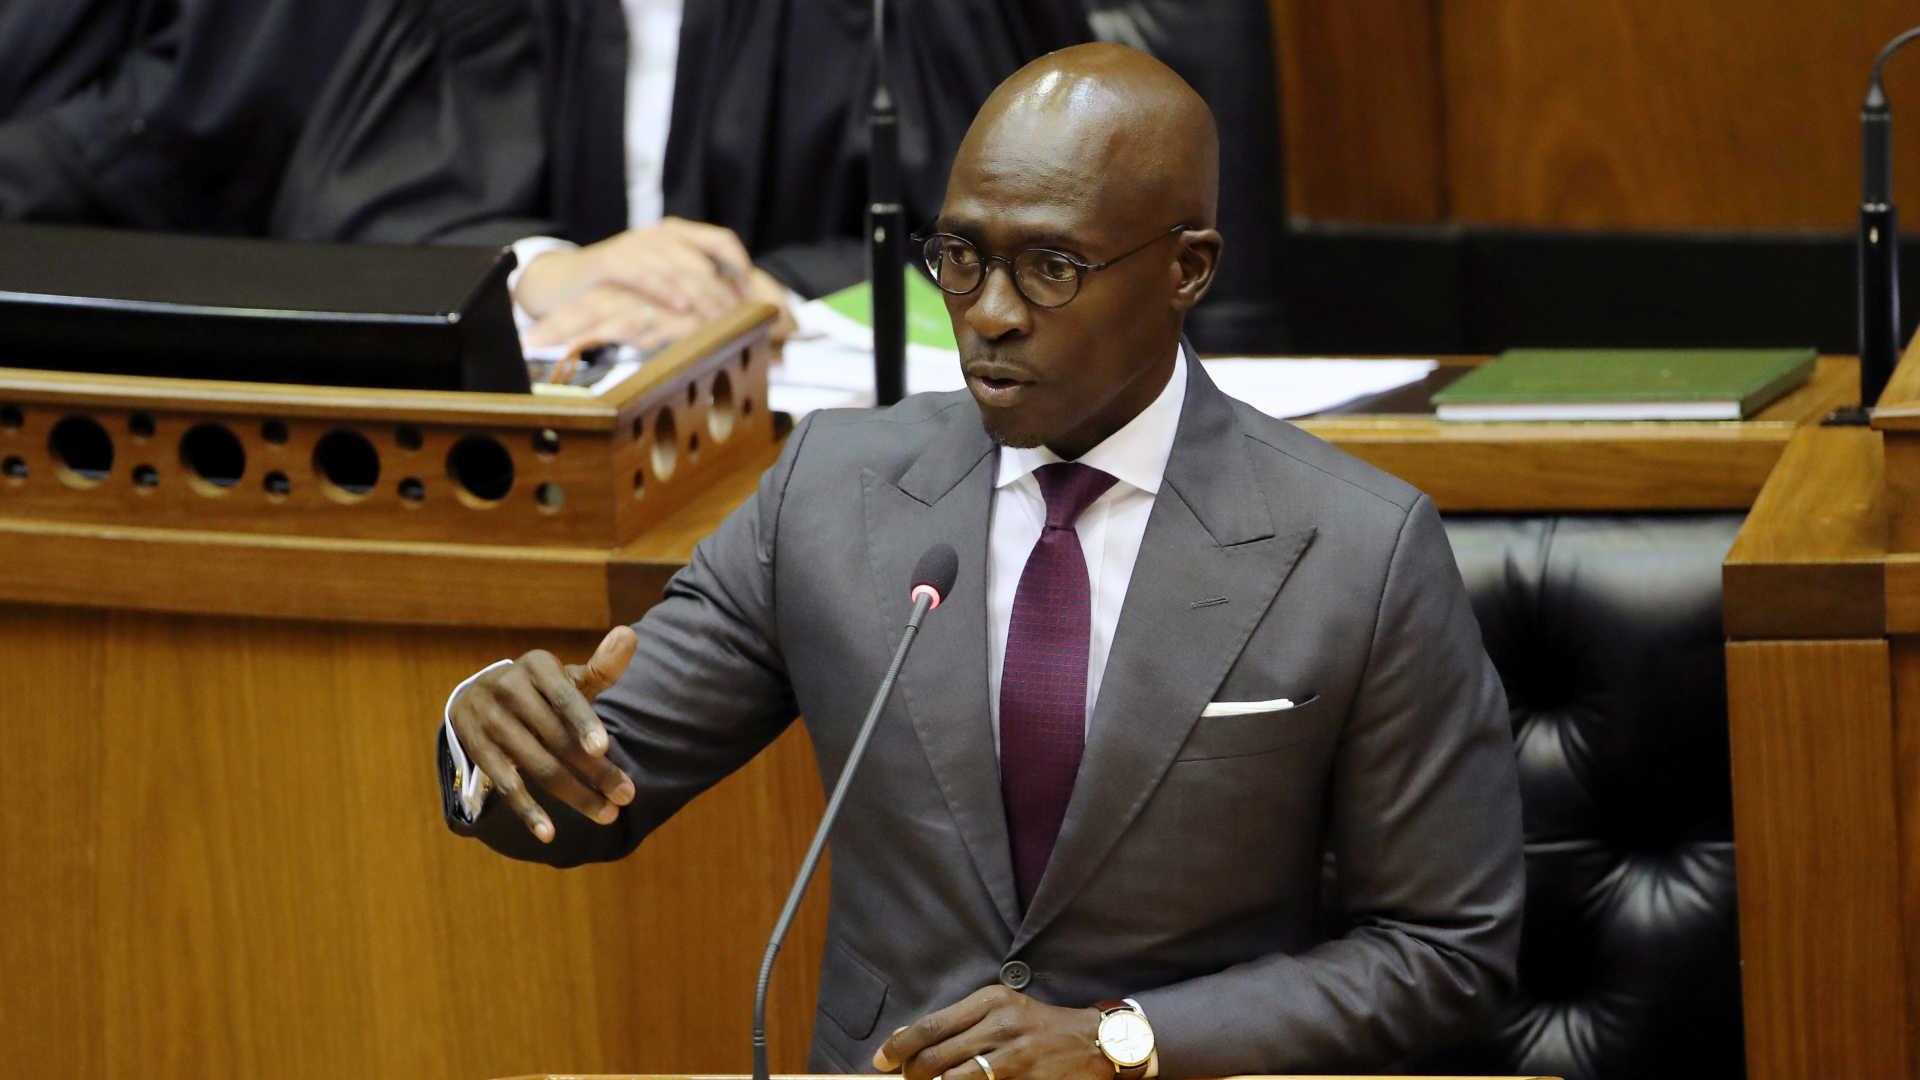 - Malusi Gigaba - Ministro do Interior da África do Sul pede demissão devido a escândalo de vídeo sexual